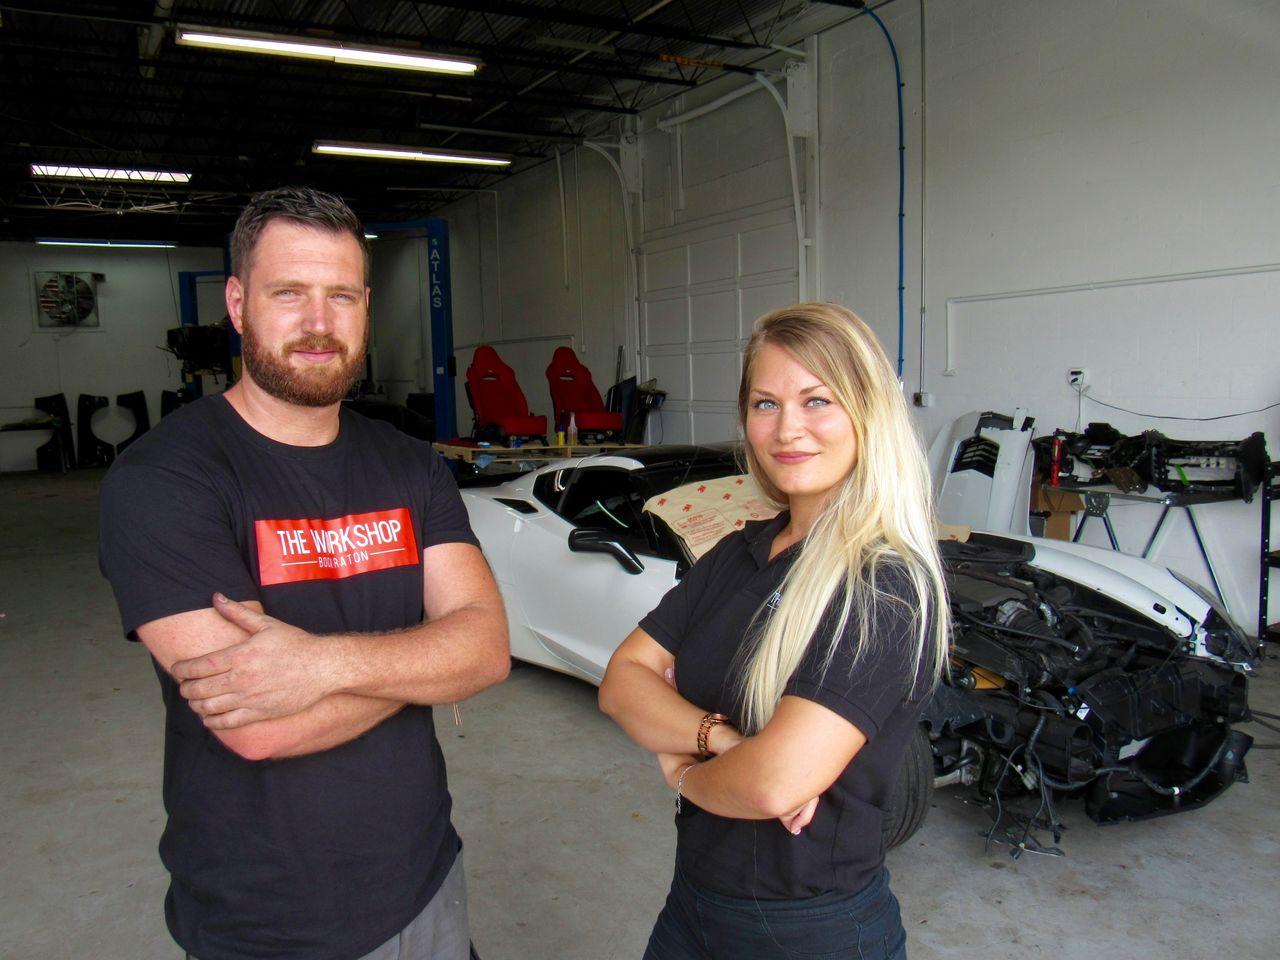 Garage automobile et moto : atelier de peinture et carrossier francophone à Boca Raton en Floride : The Workshop